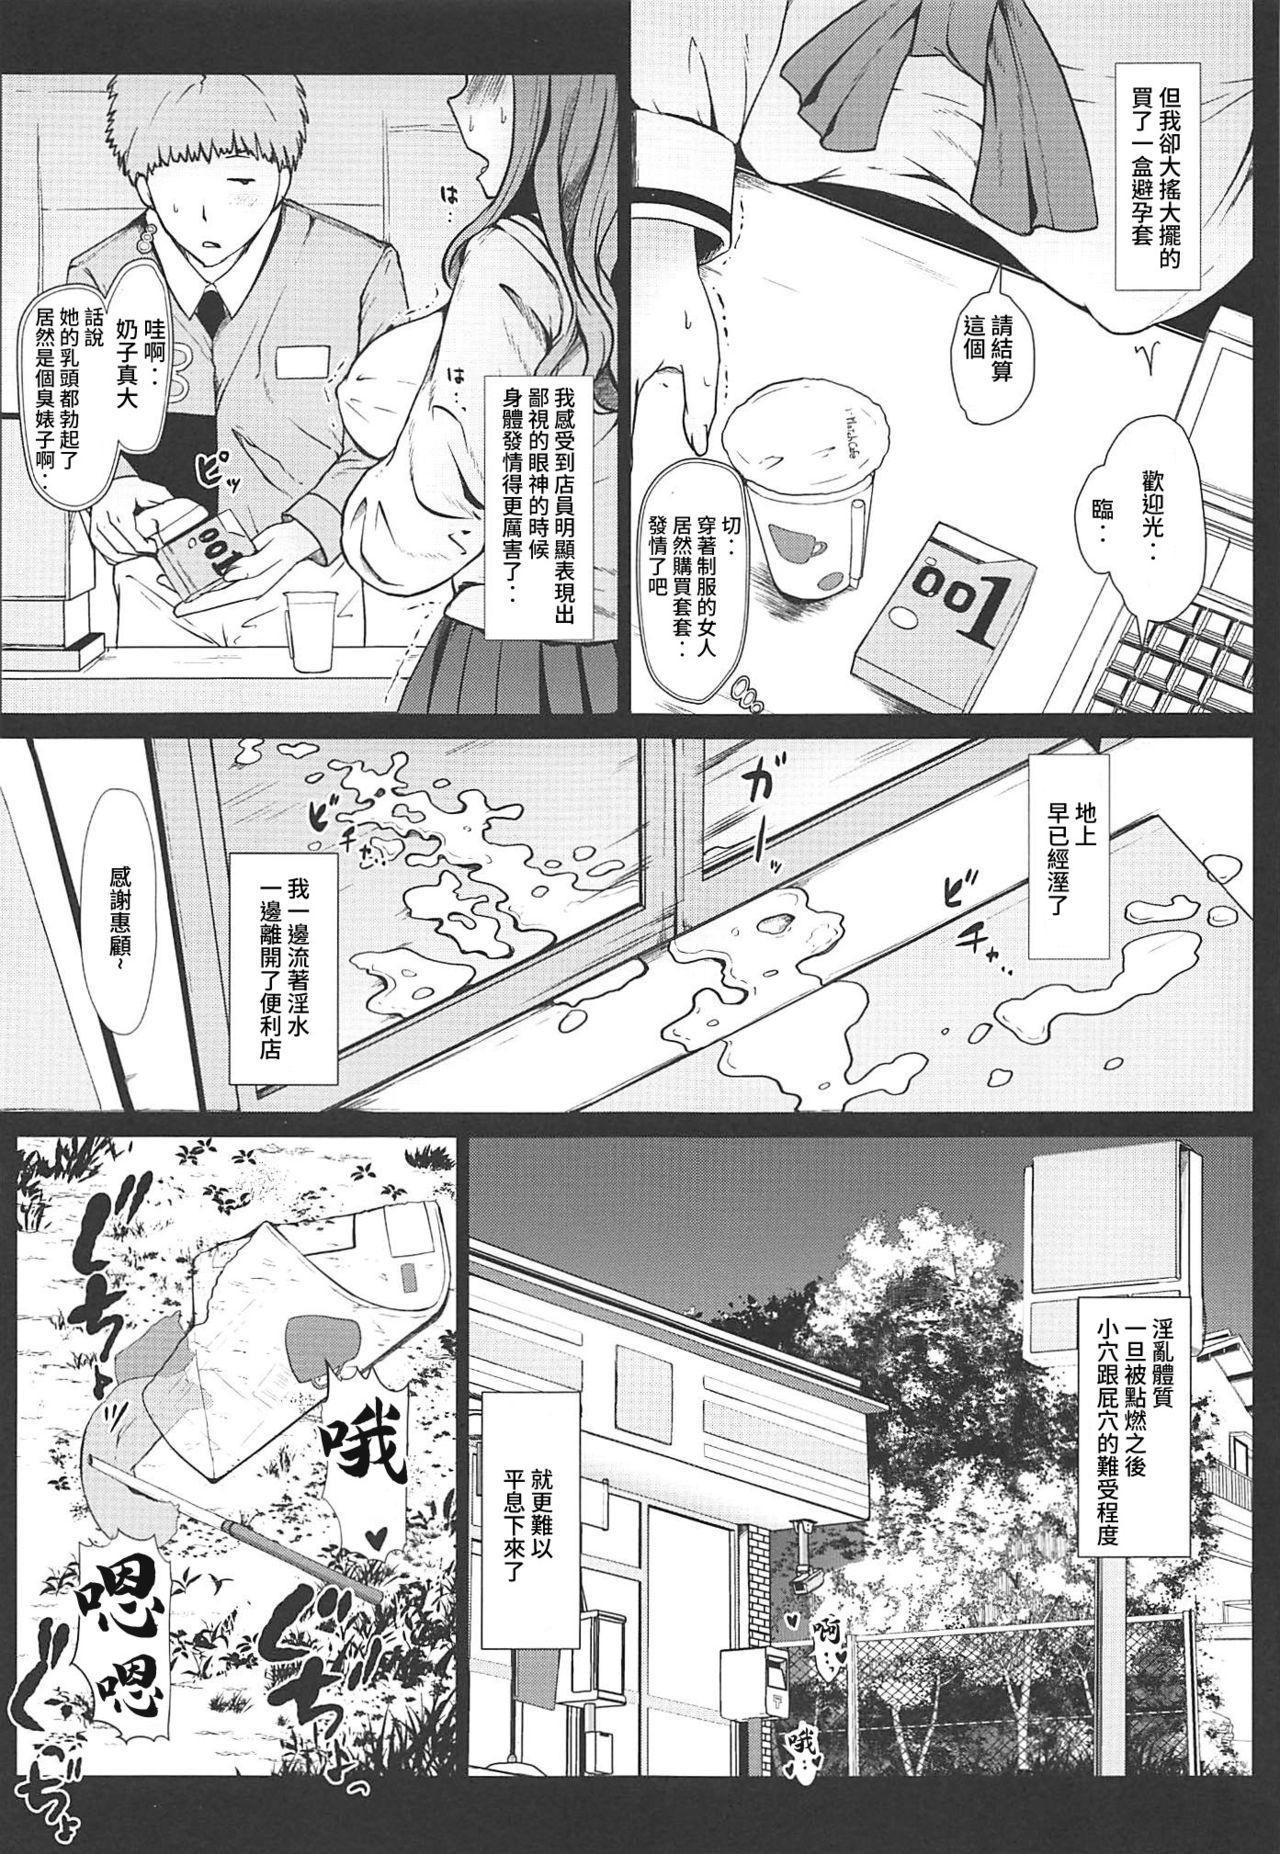 Takebe Saori no Ecchi na Joshiryoku Koujyou Keikaku 12